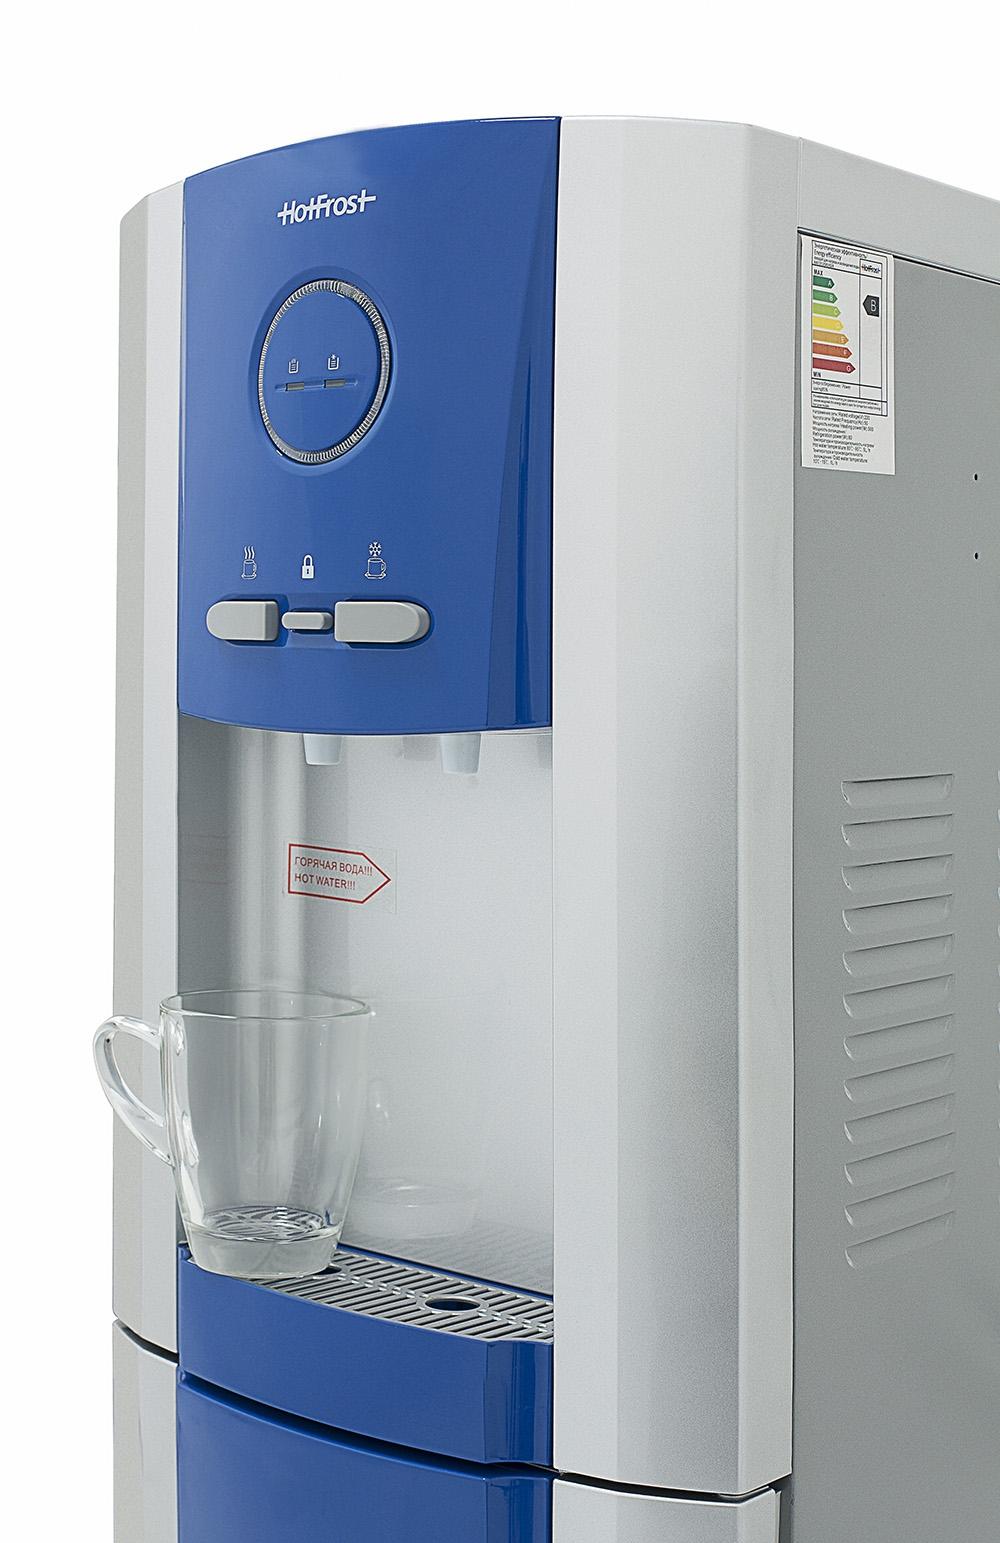 HotFrost V730CES blue - 4